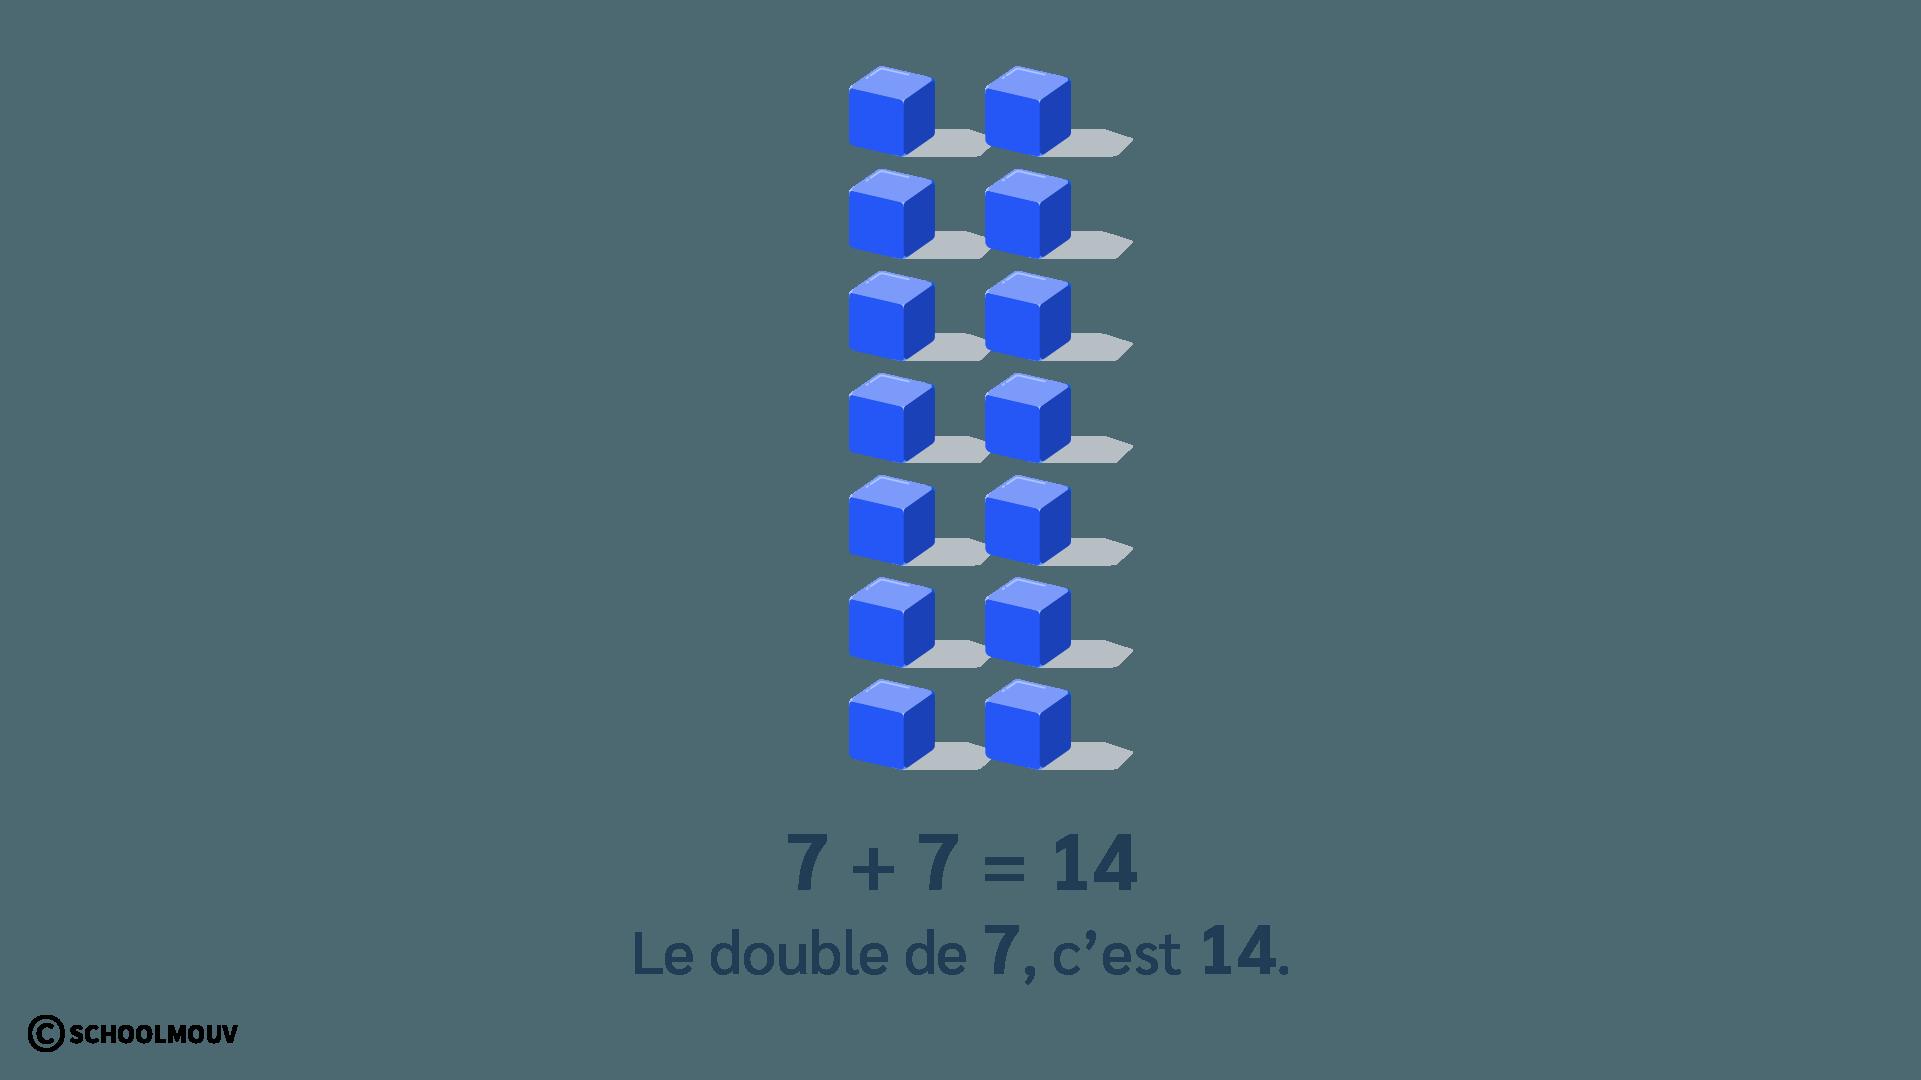 double de 7